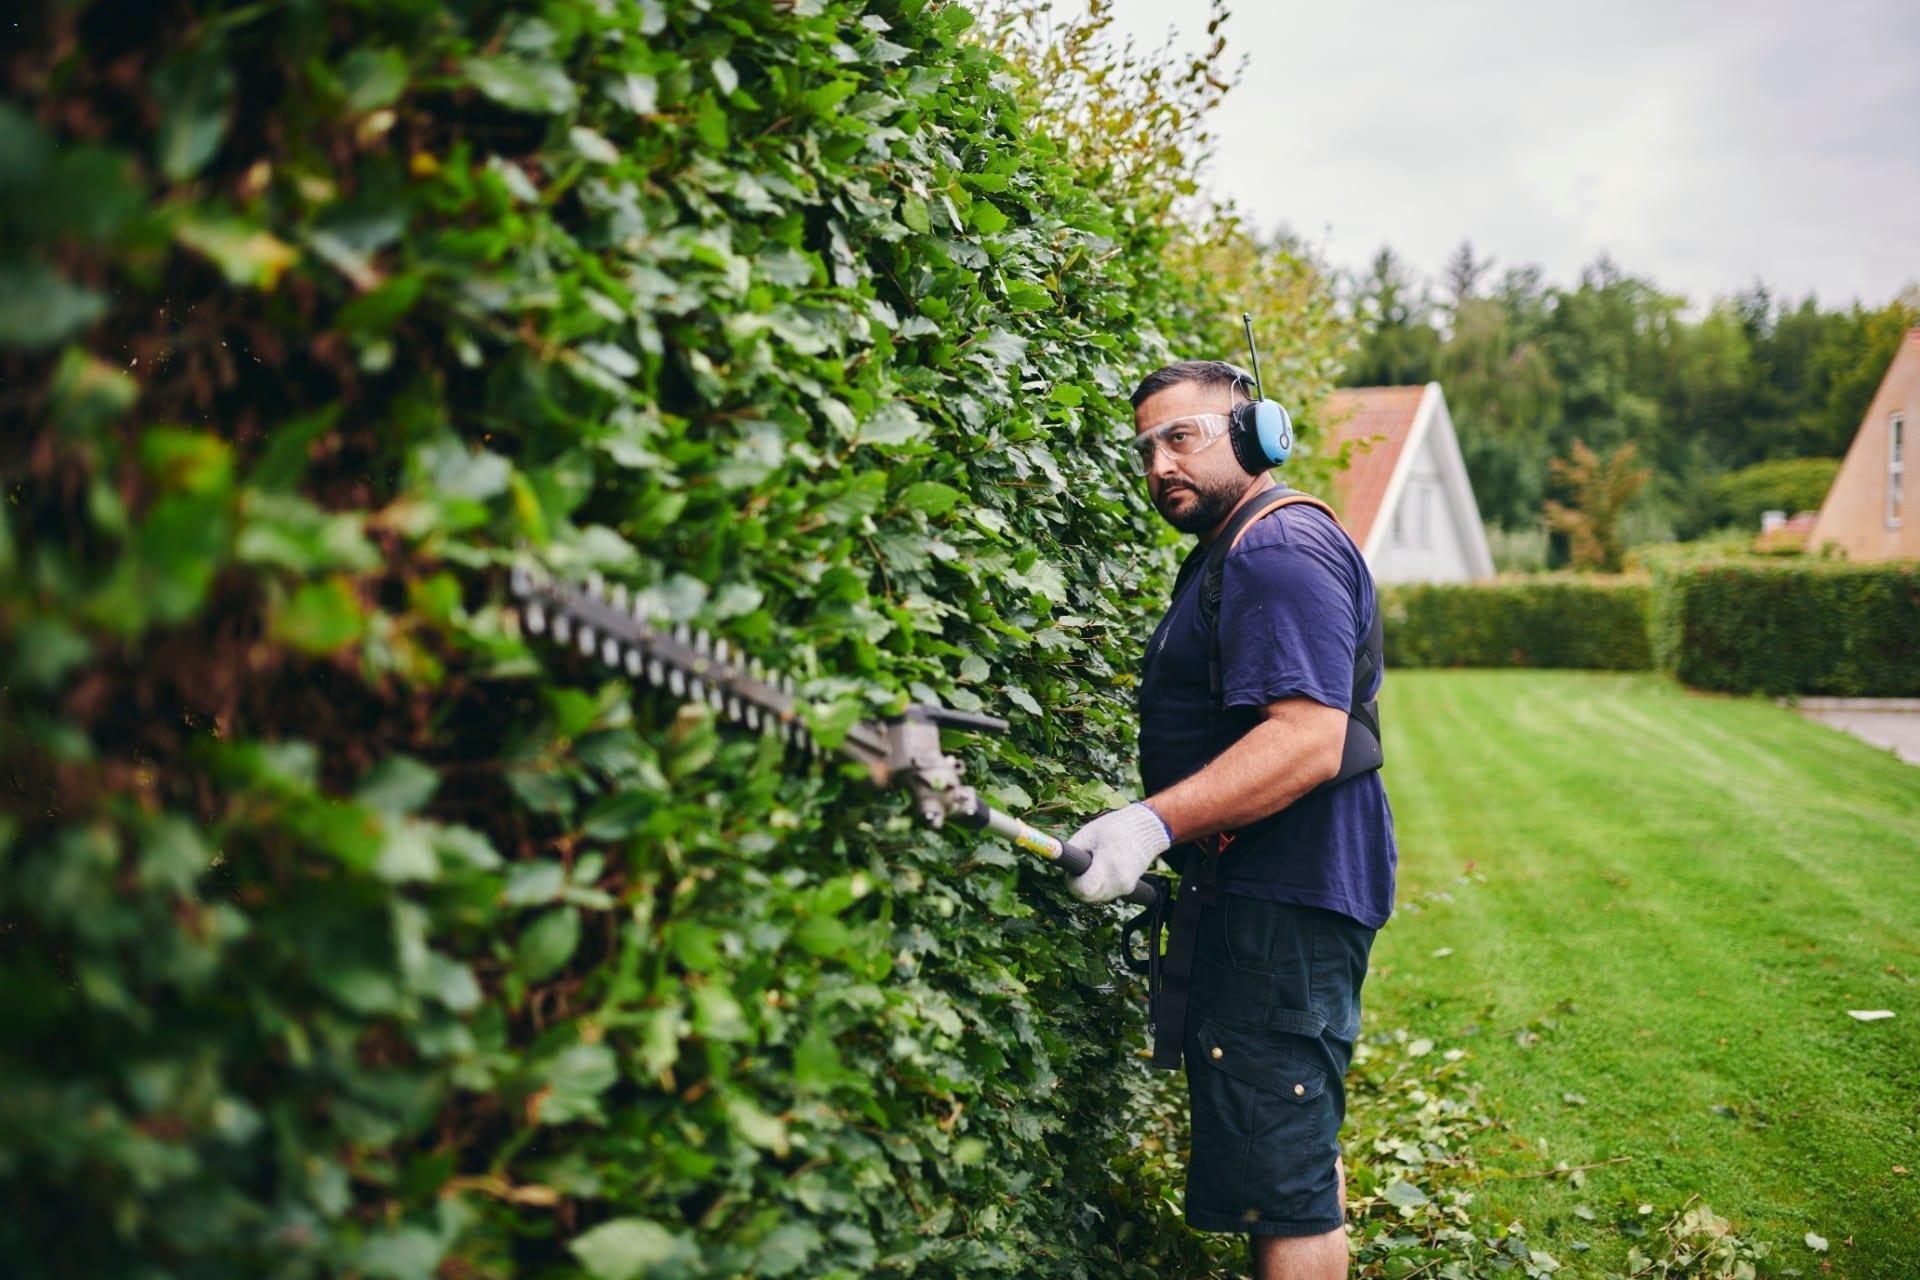 Renell-havemand klipper hæk med høreværn på